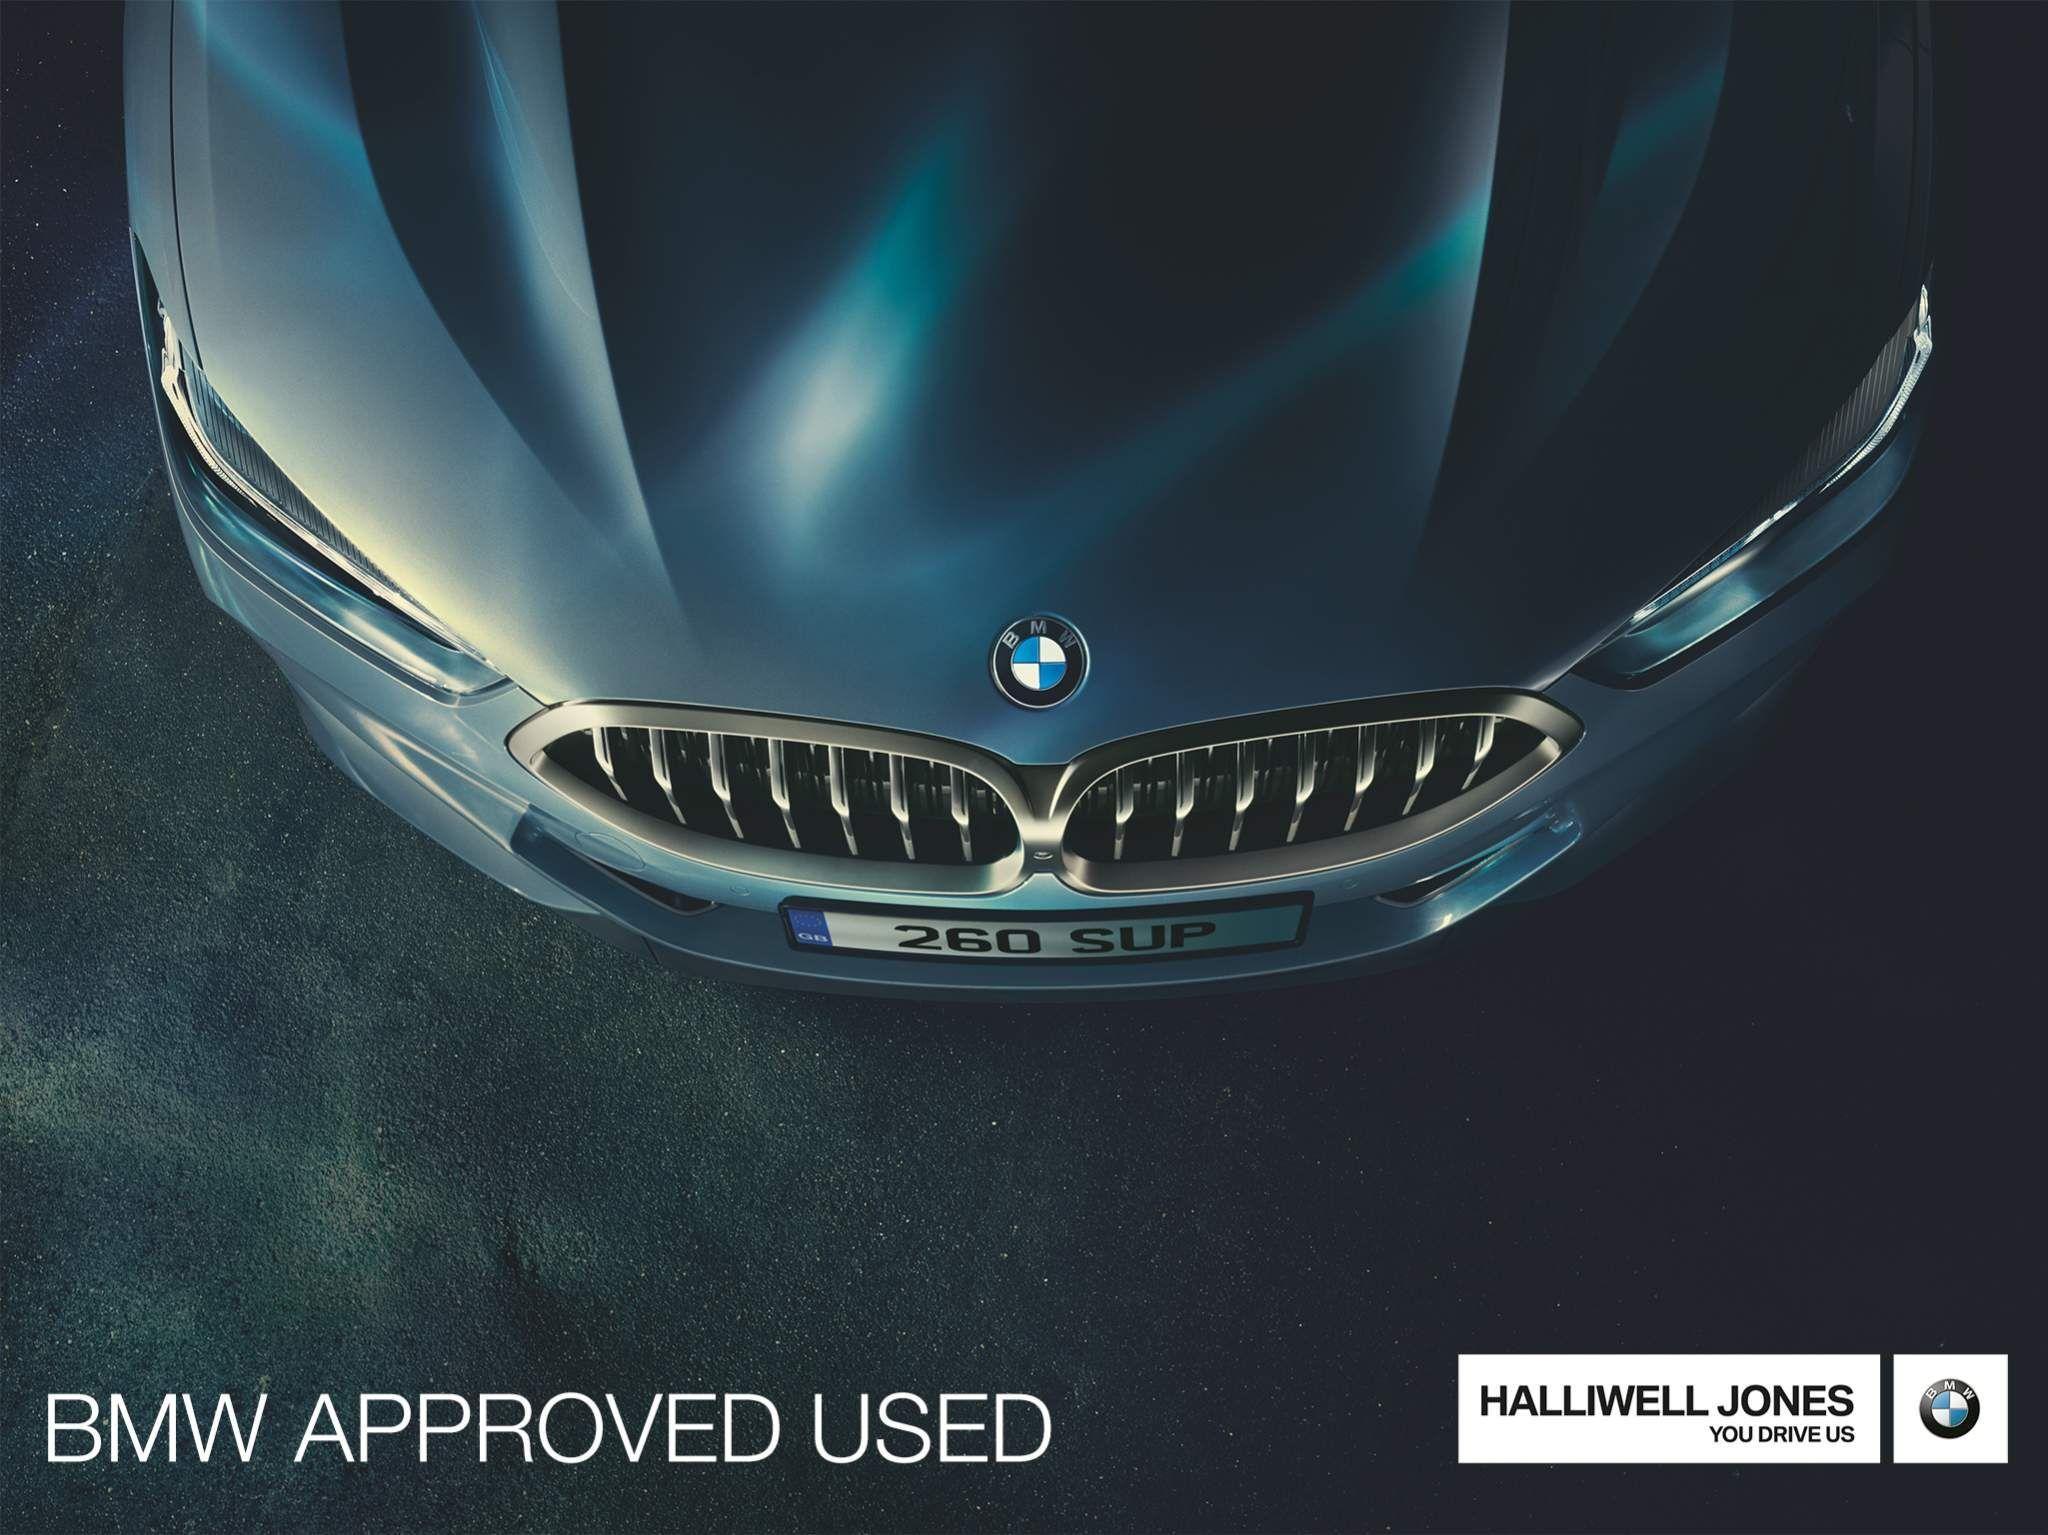 Image 1 - BMW X3 xDrive30d M Sport (HG17VUM)